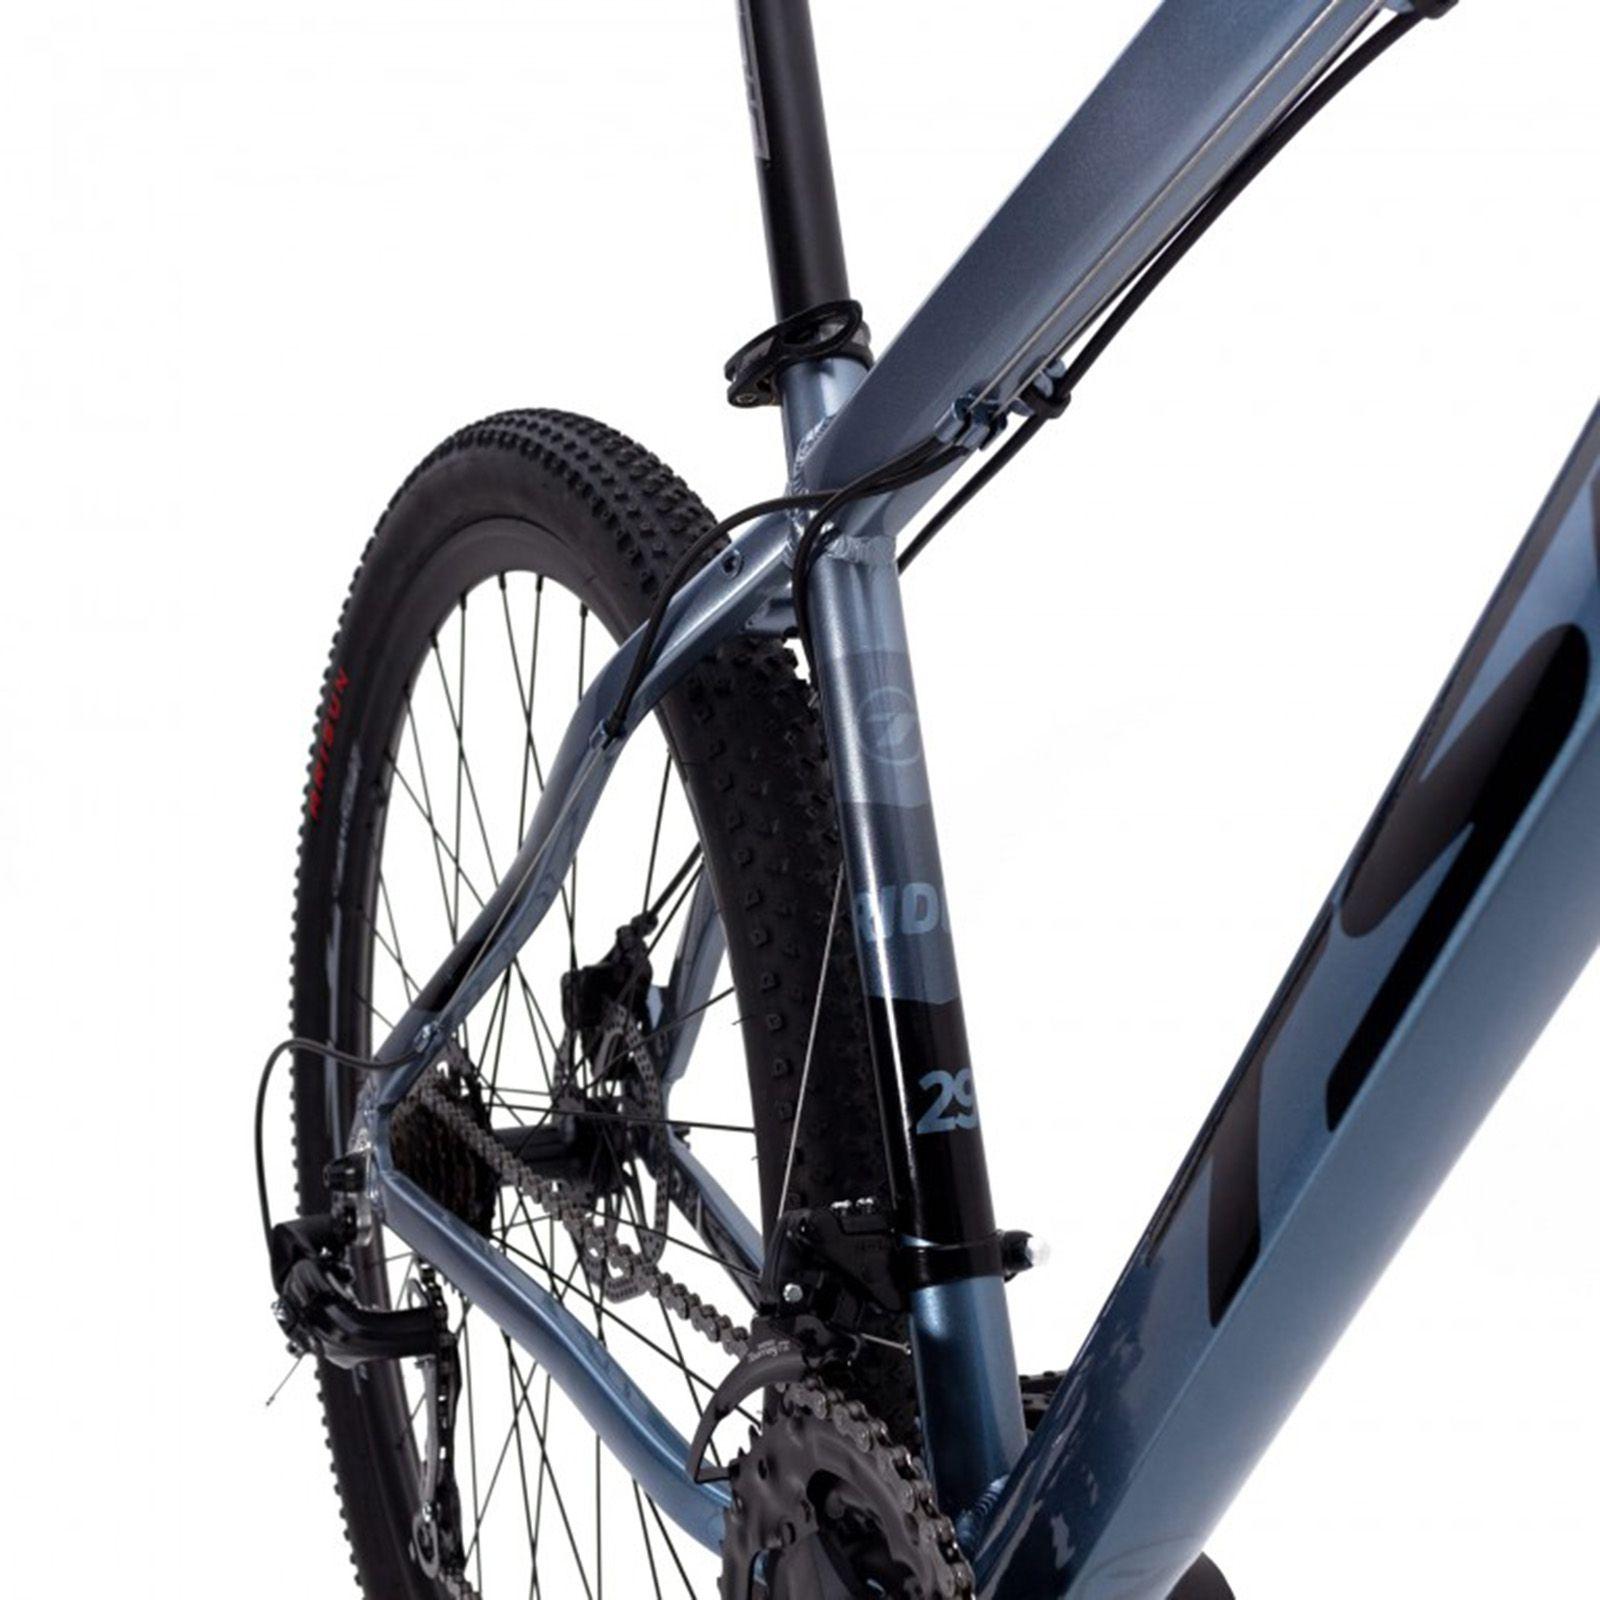 Bicicleta Aro 29 TSW Ride Cinza Metálico 21v Shimano Freio a Disco